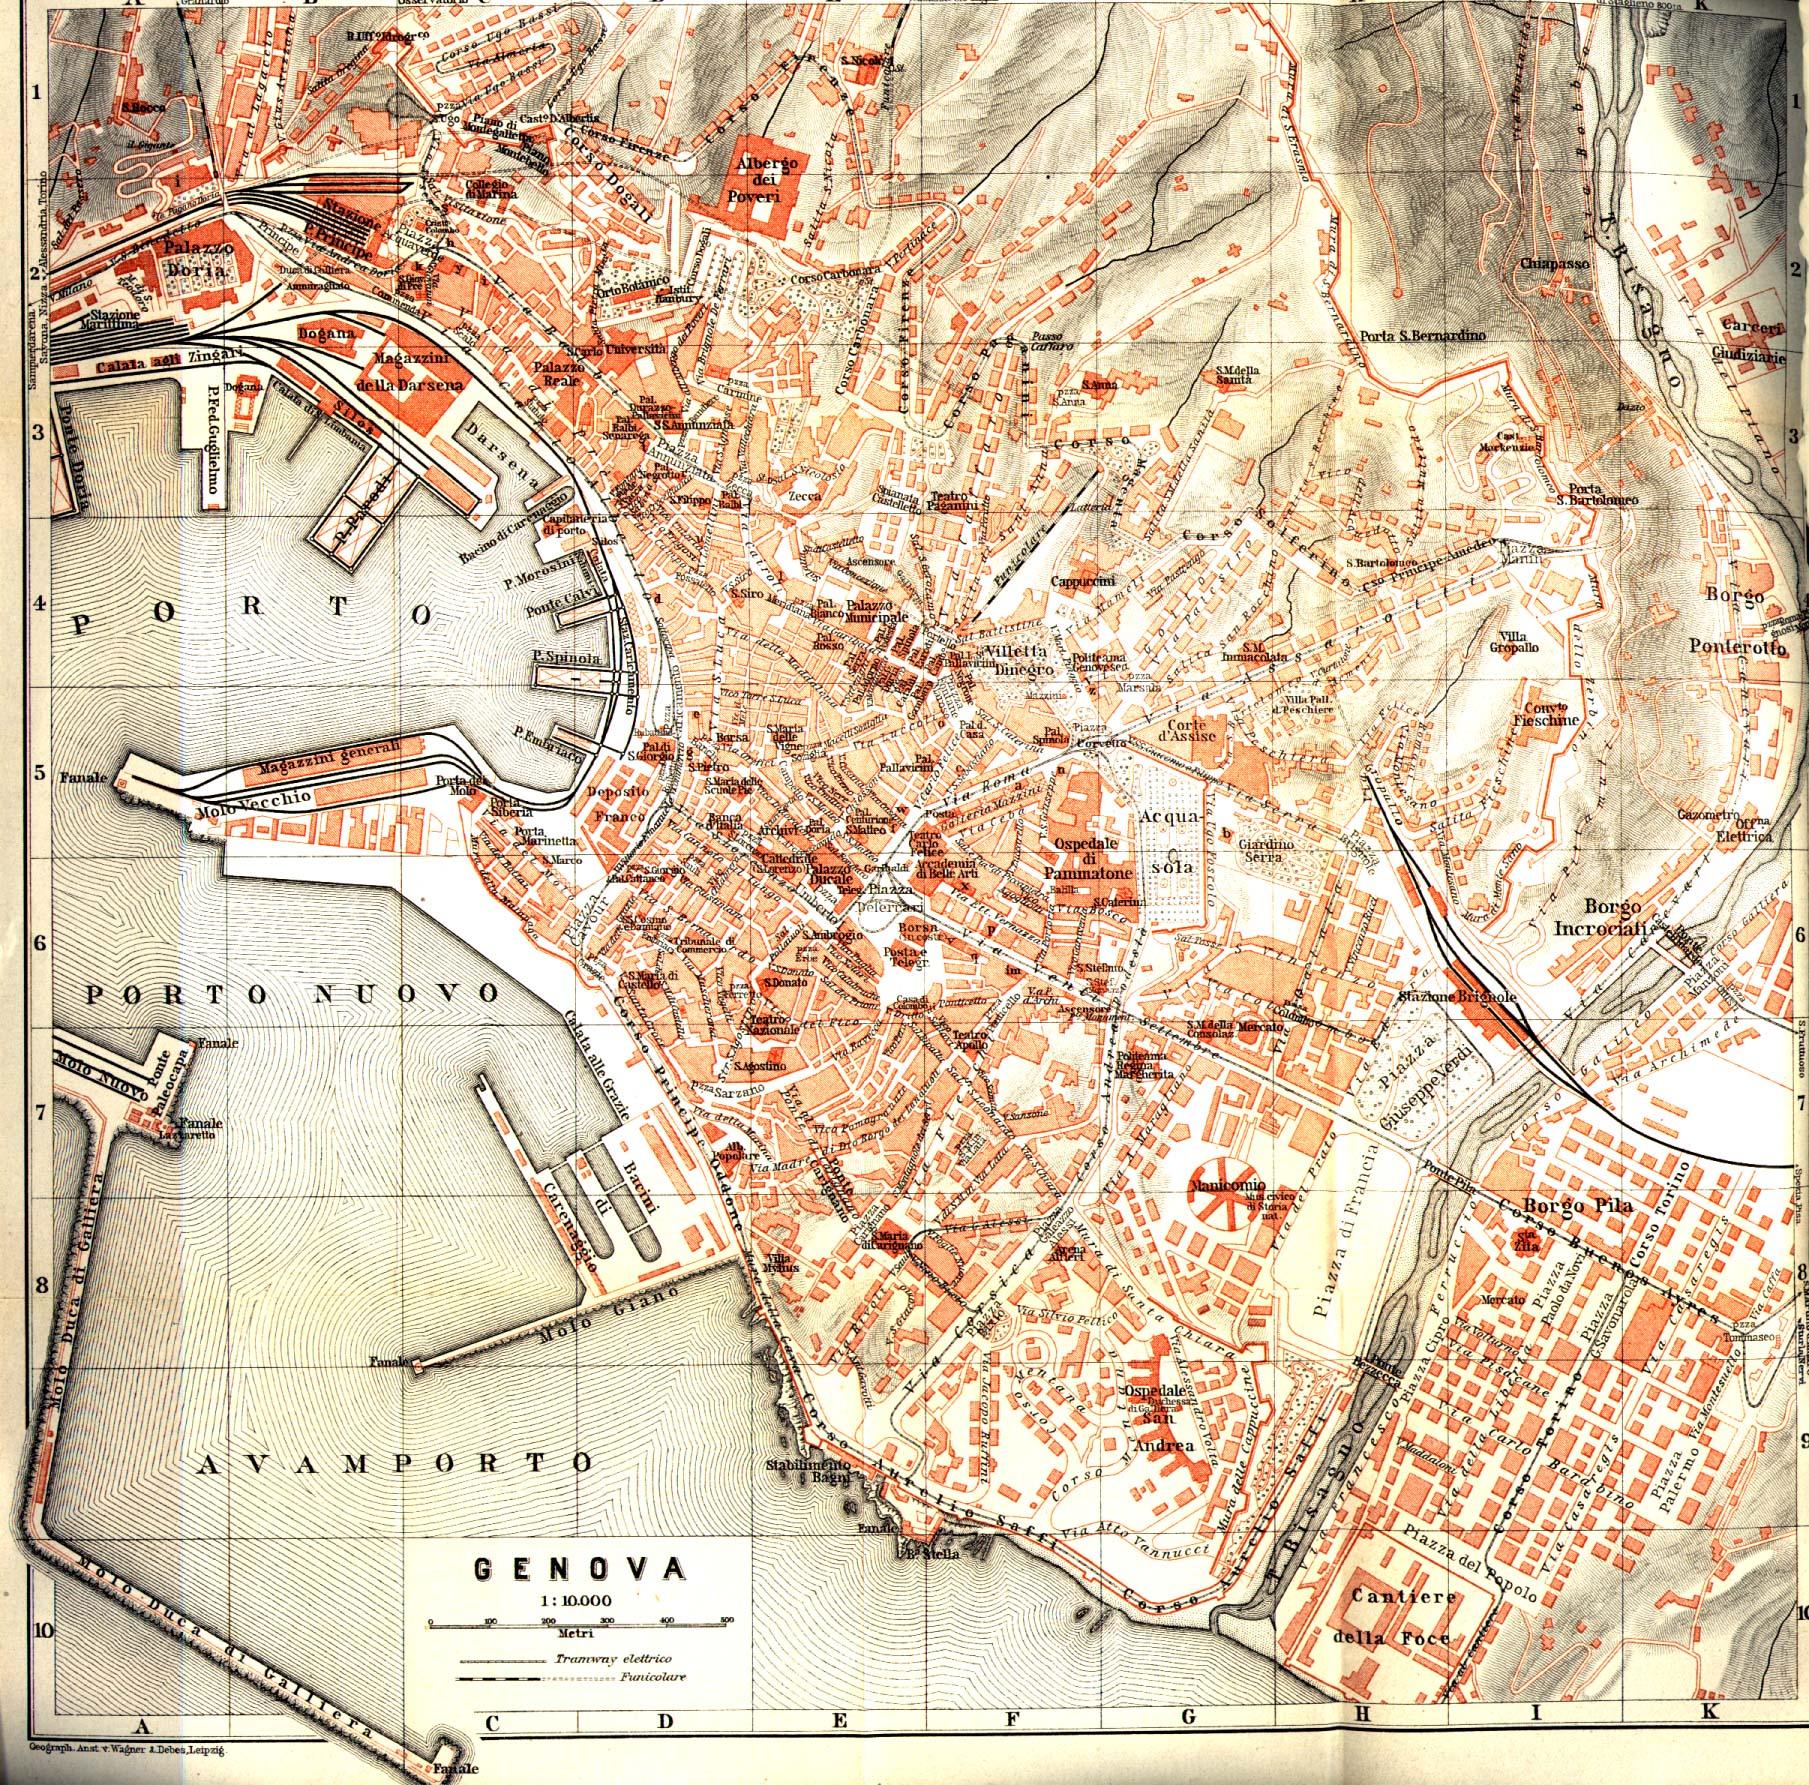 Genova (Genoa) City Map, Italy 1913